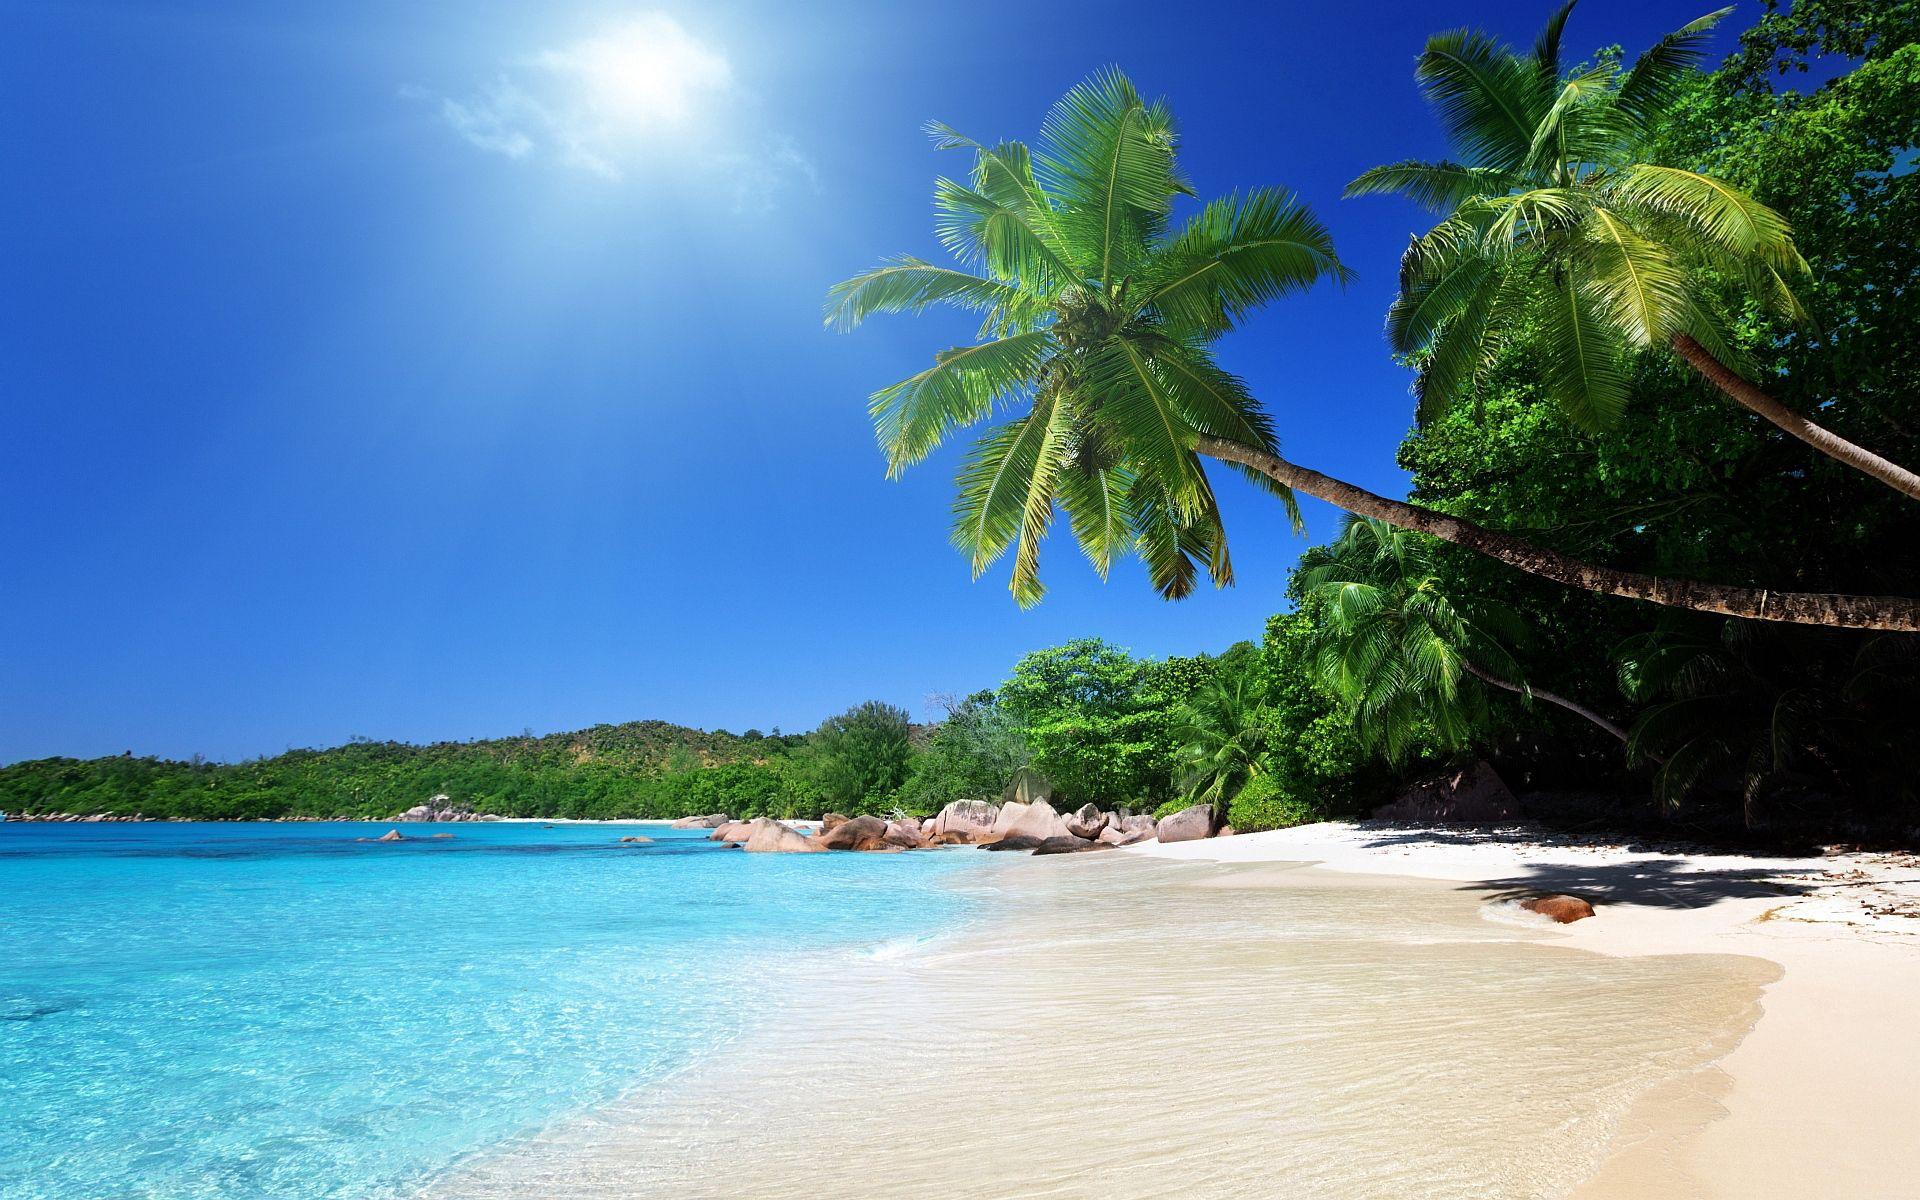 136169 скачать обои Природа, Пляж, Песок, Тропики, Пальмы - заставки и картинки бесплатно